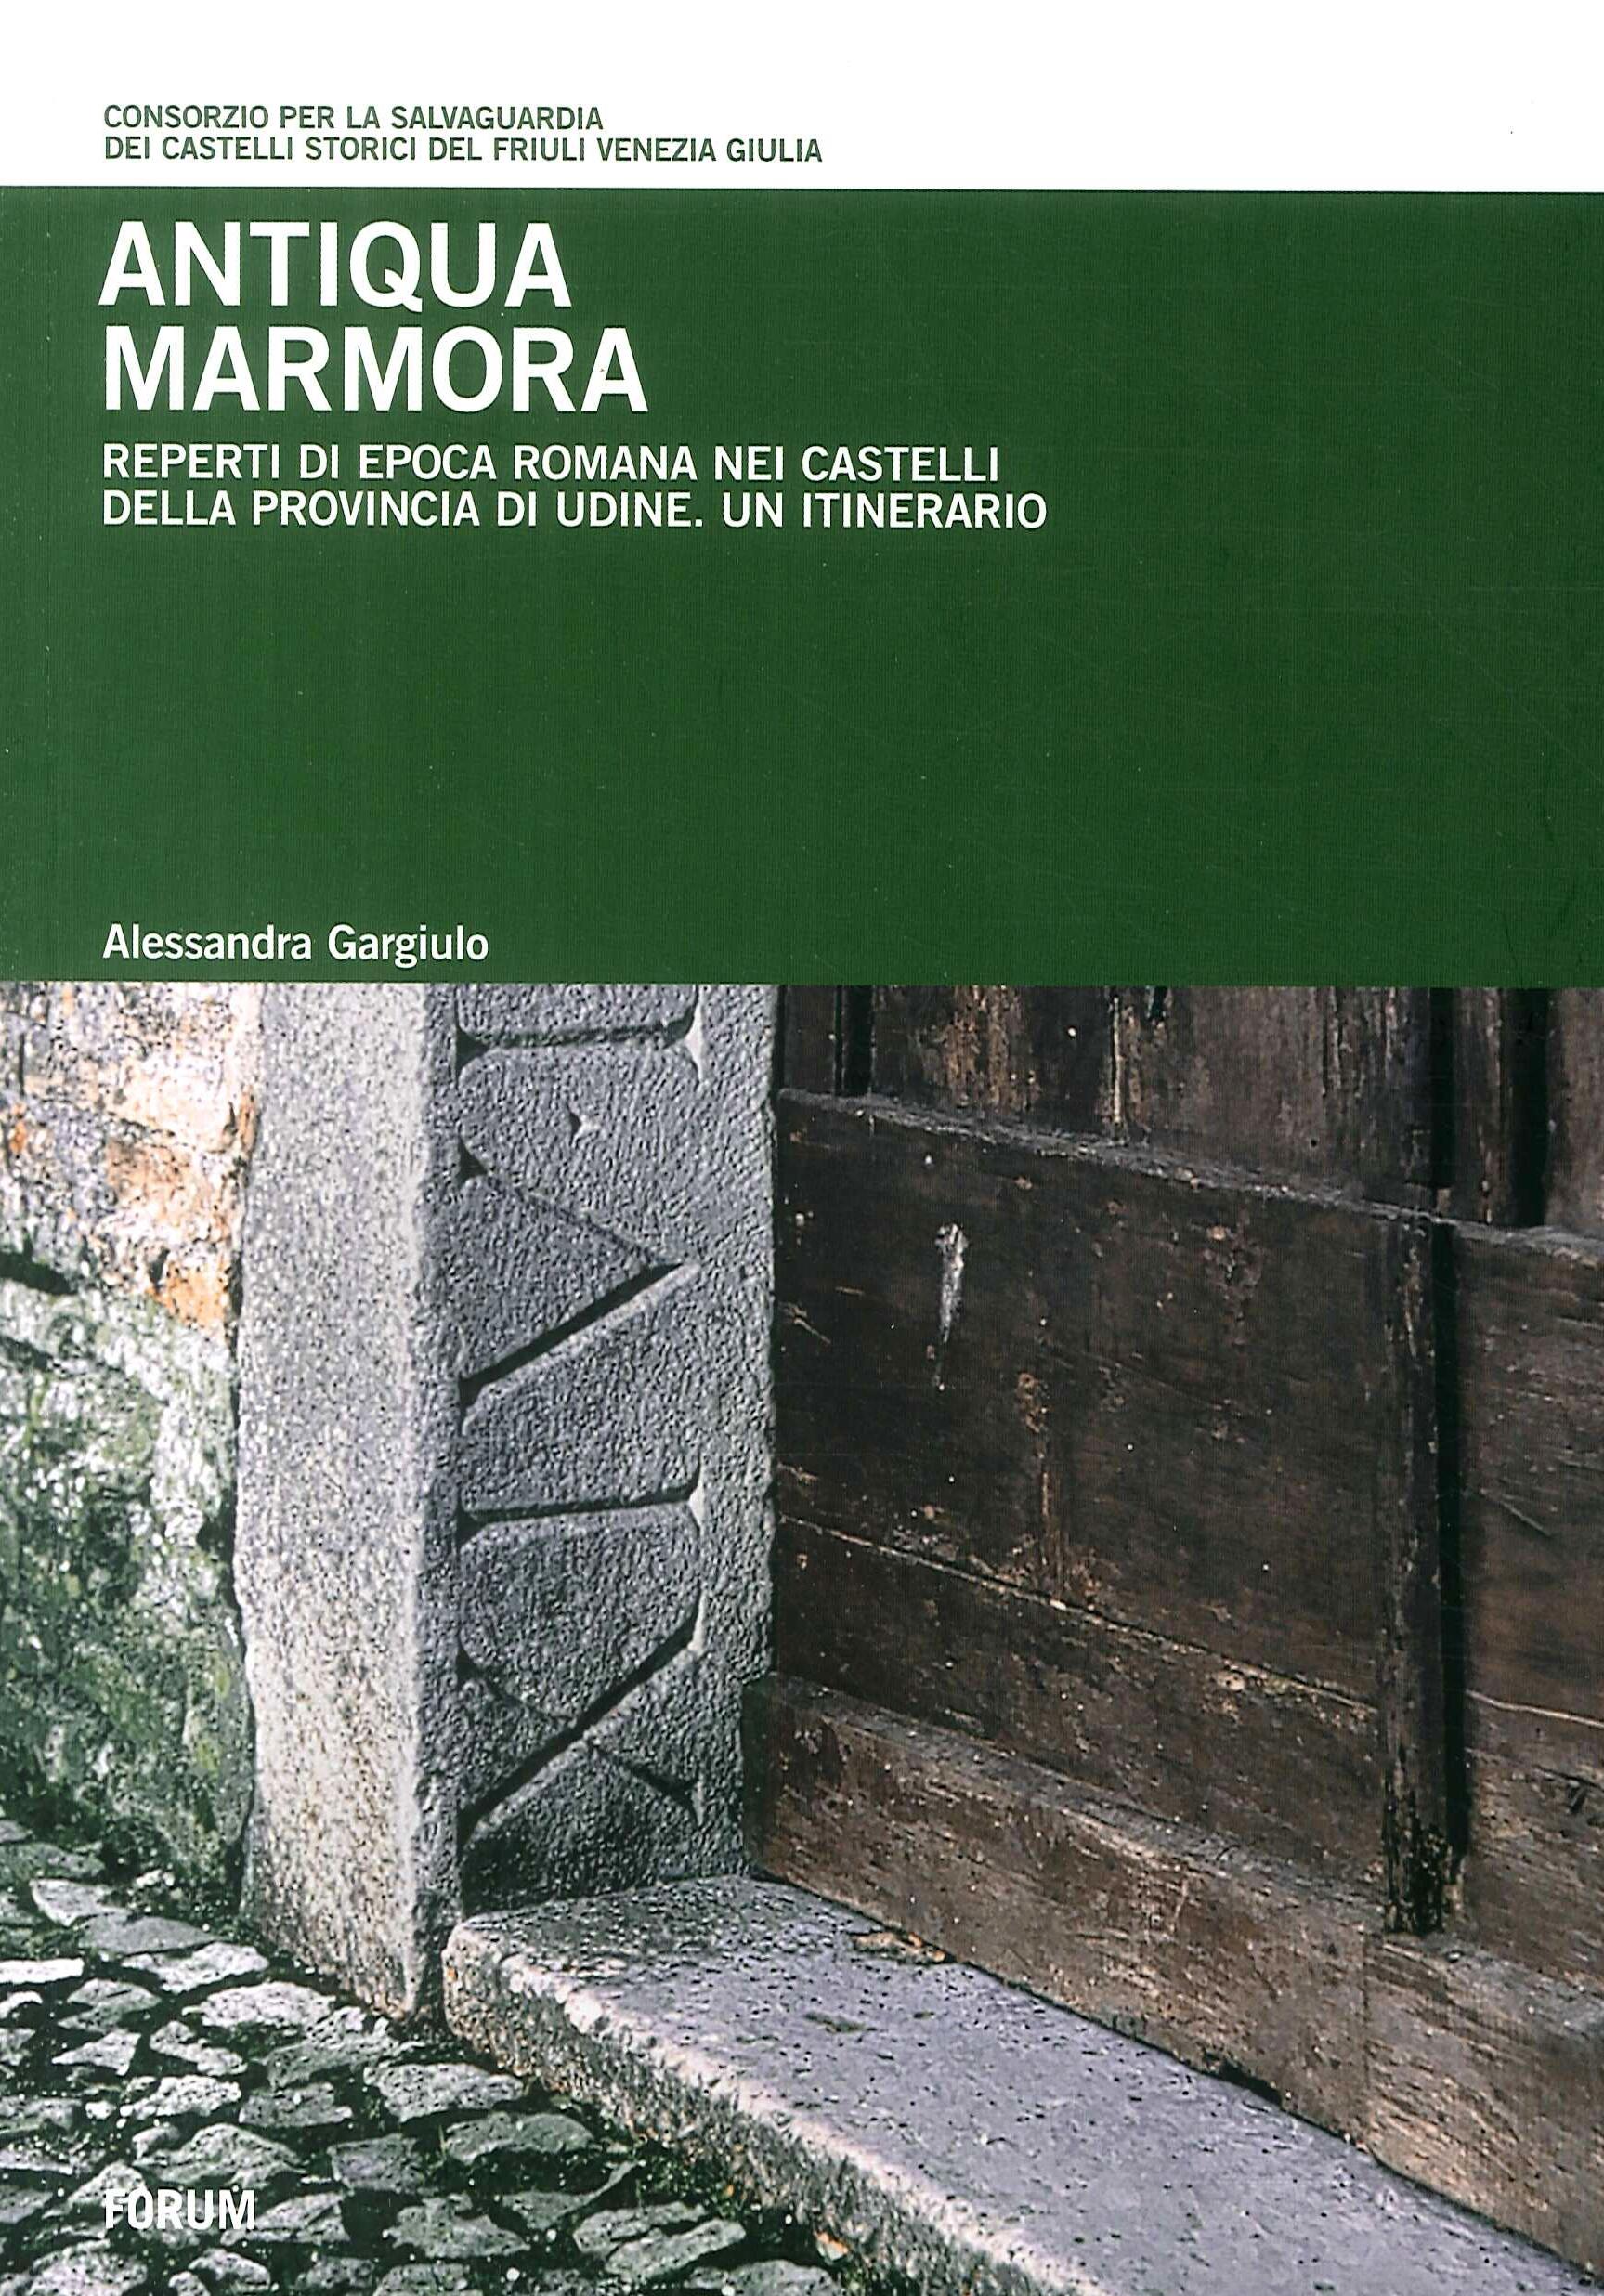 Antiqua Marmora. Reperti di epoca romana nei castelli della provincia di Udine. Un itinerario.